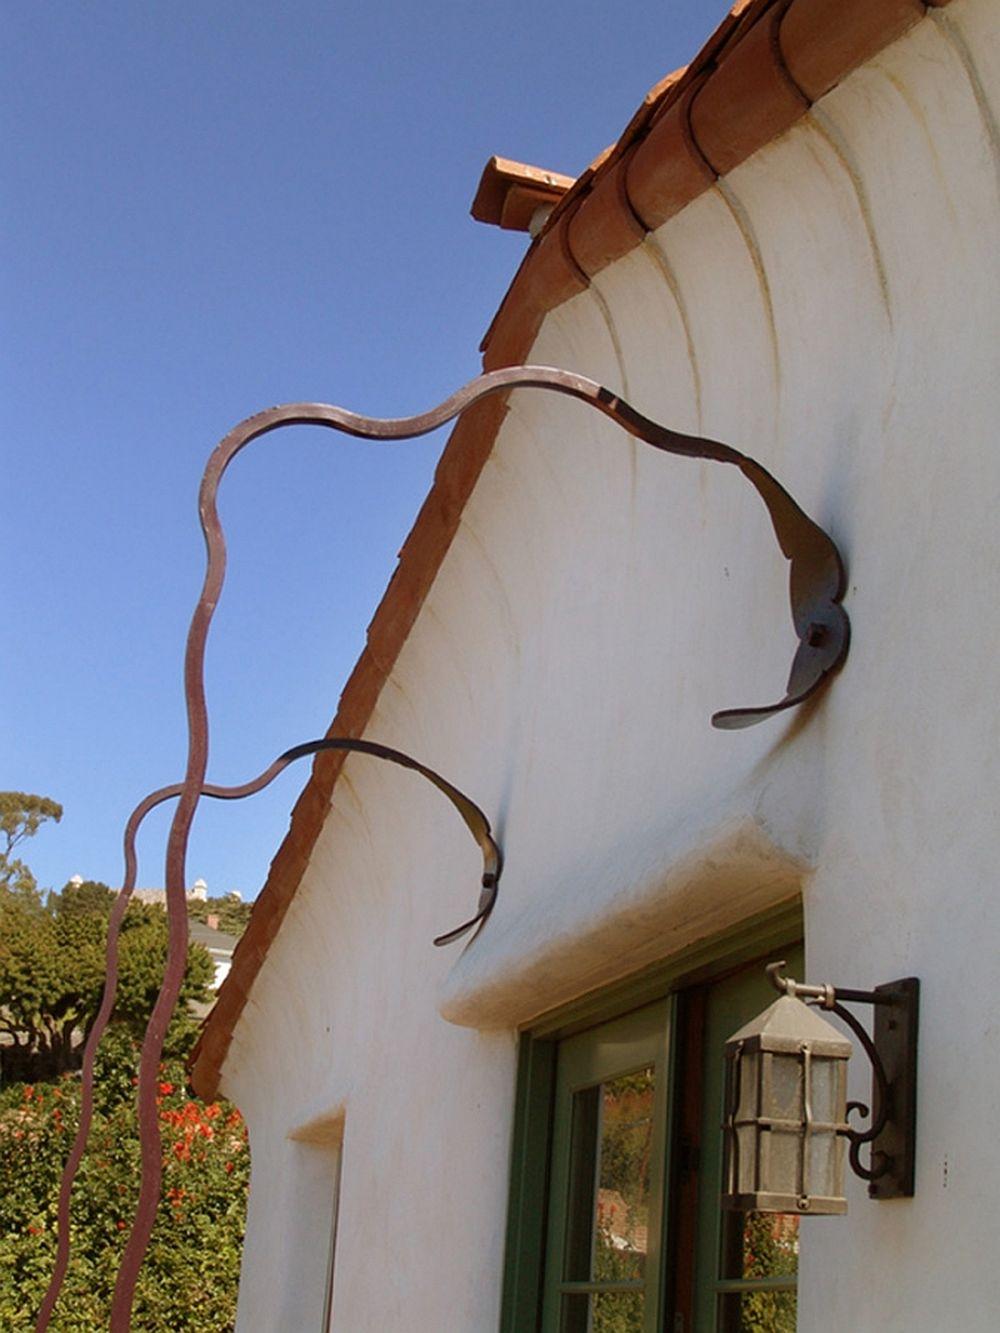 Detaliu prindere balcon Casa Bridge, Tierney, arhitect Jeff Shelton